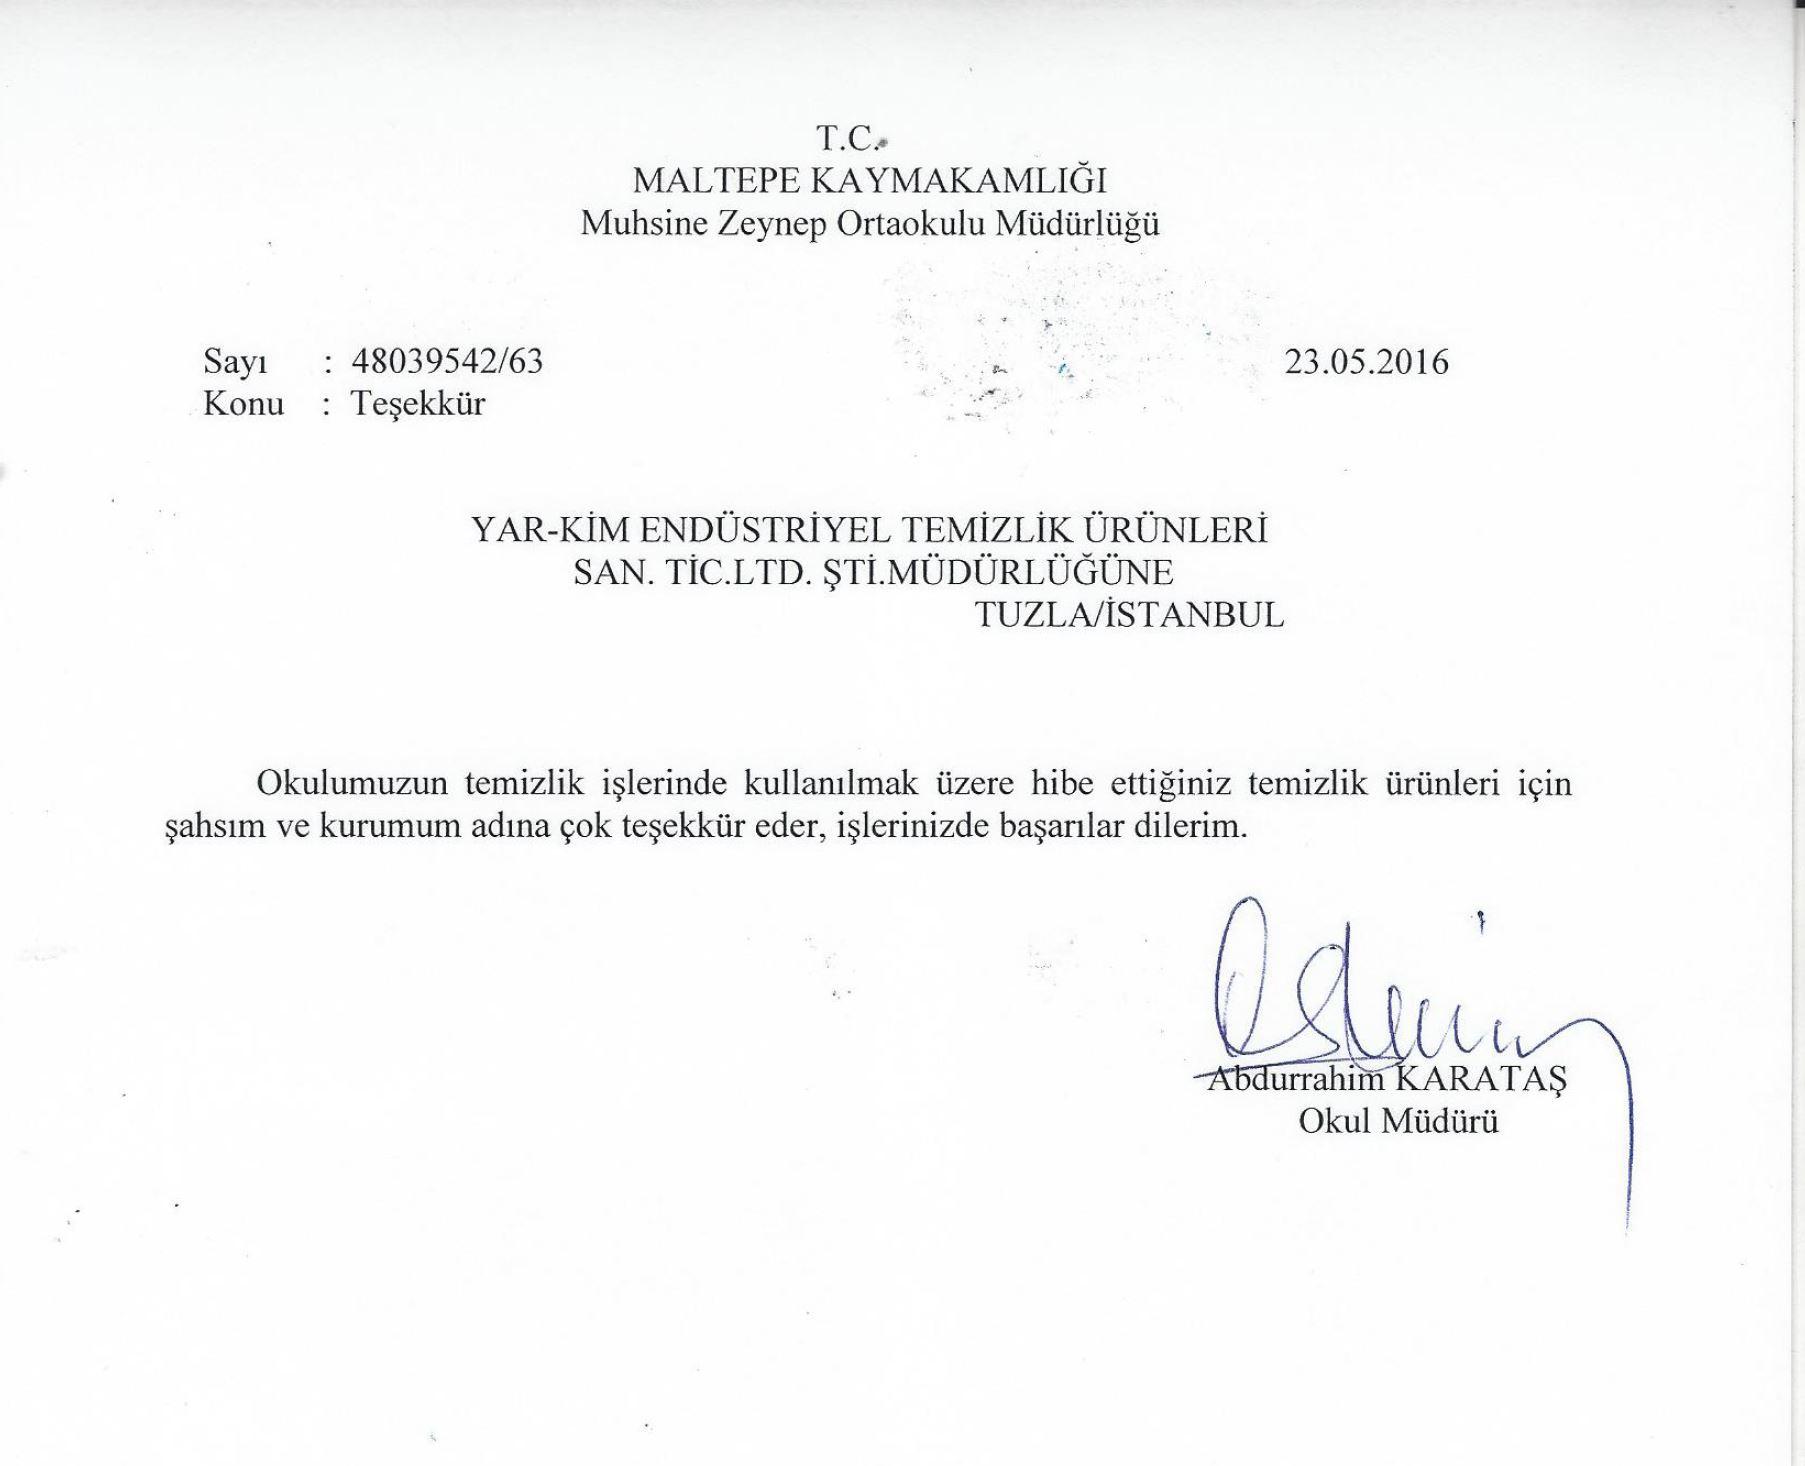 Muhsine-Zeynep-Ortaokulu